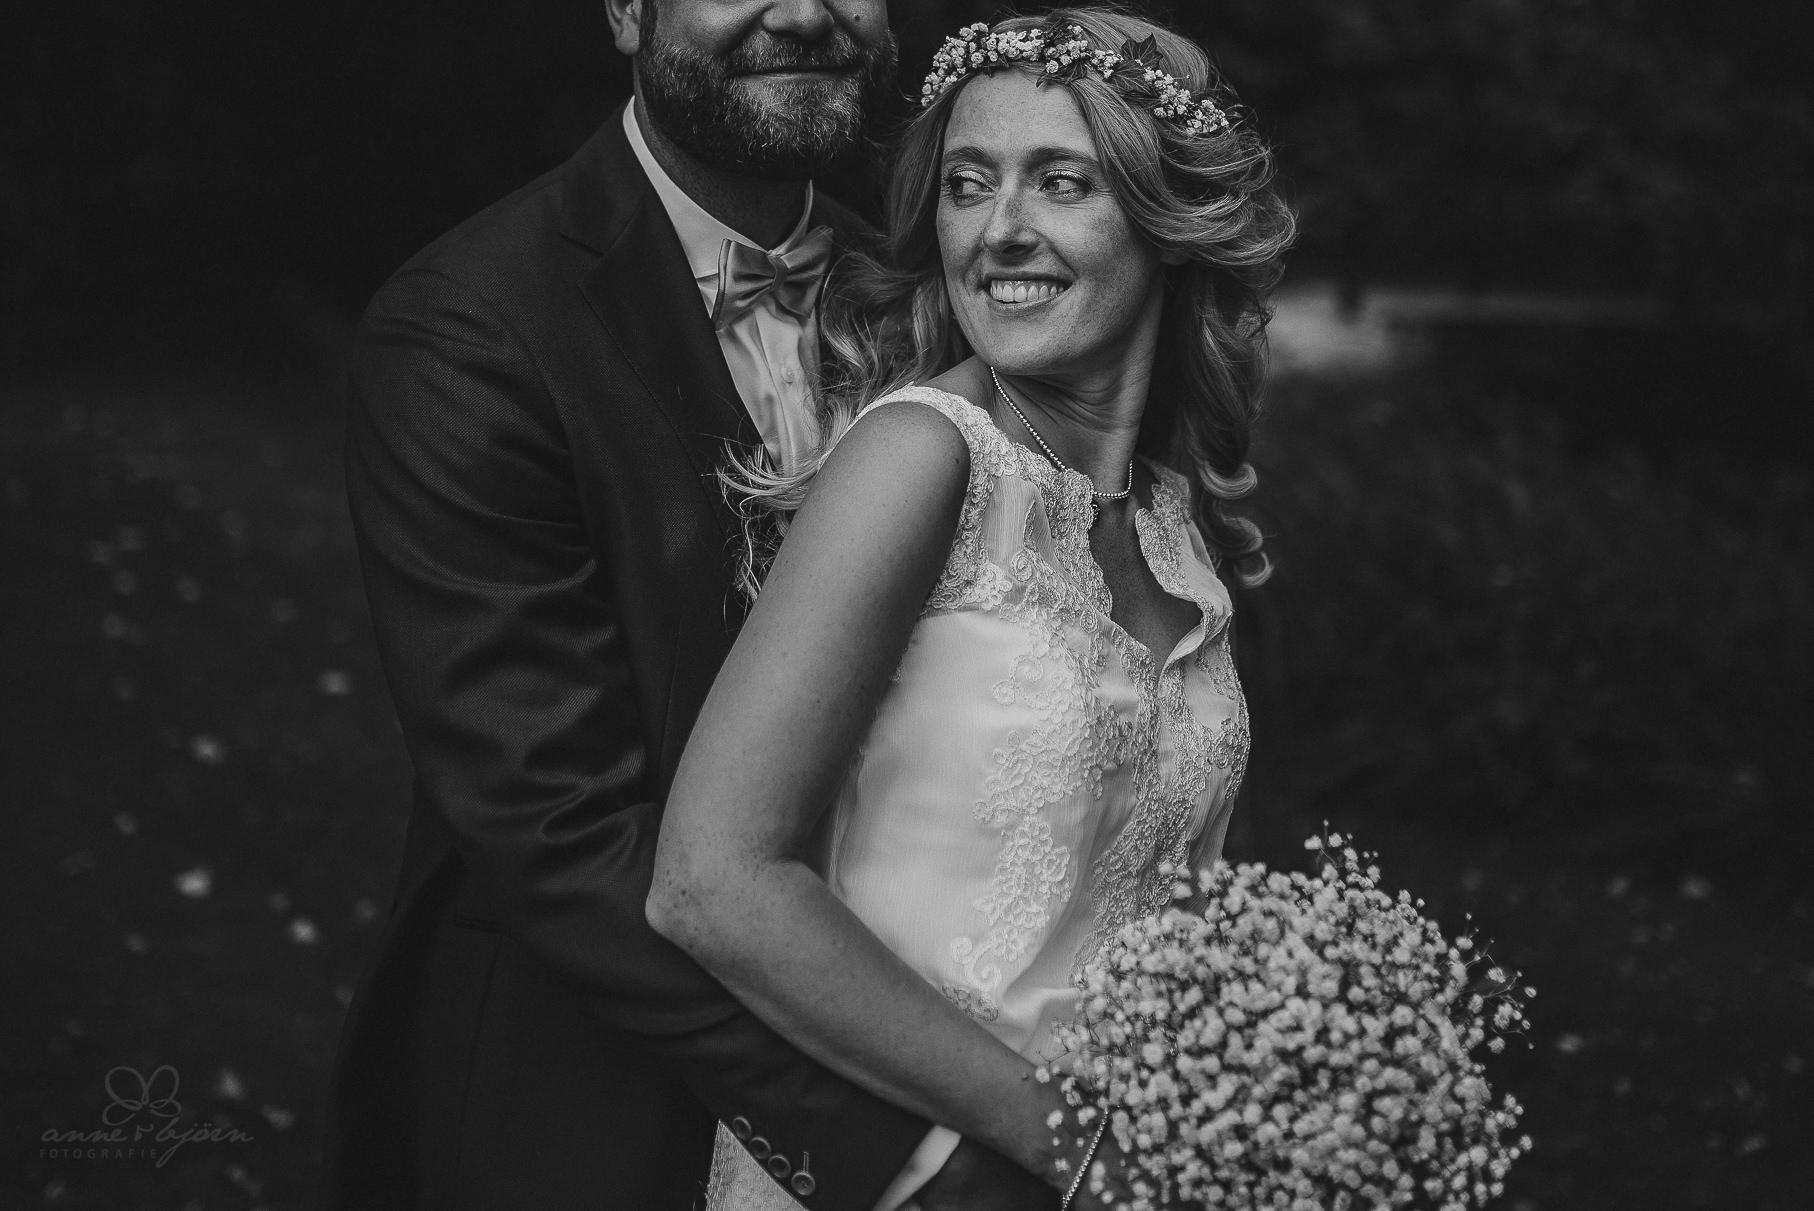 0126 anne und bjoern claudi und enno d75 5789 bearbeitet - Hochzeit auf Rügen (Klein Kubbelkow) - Claudi & Enno